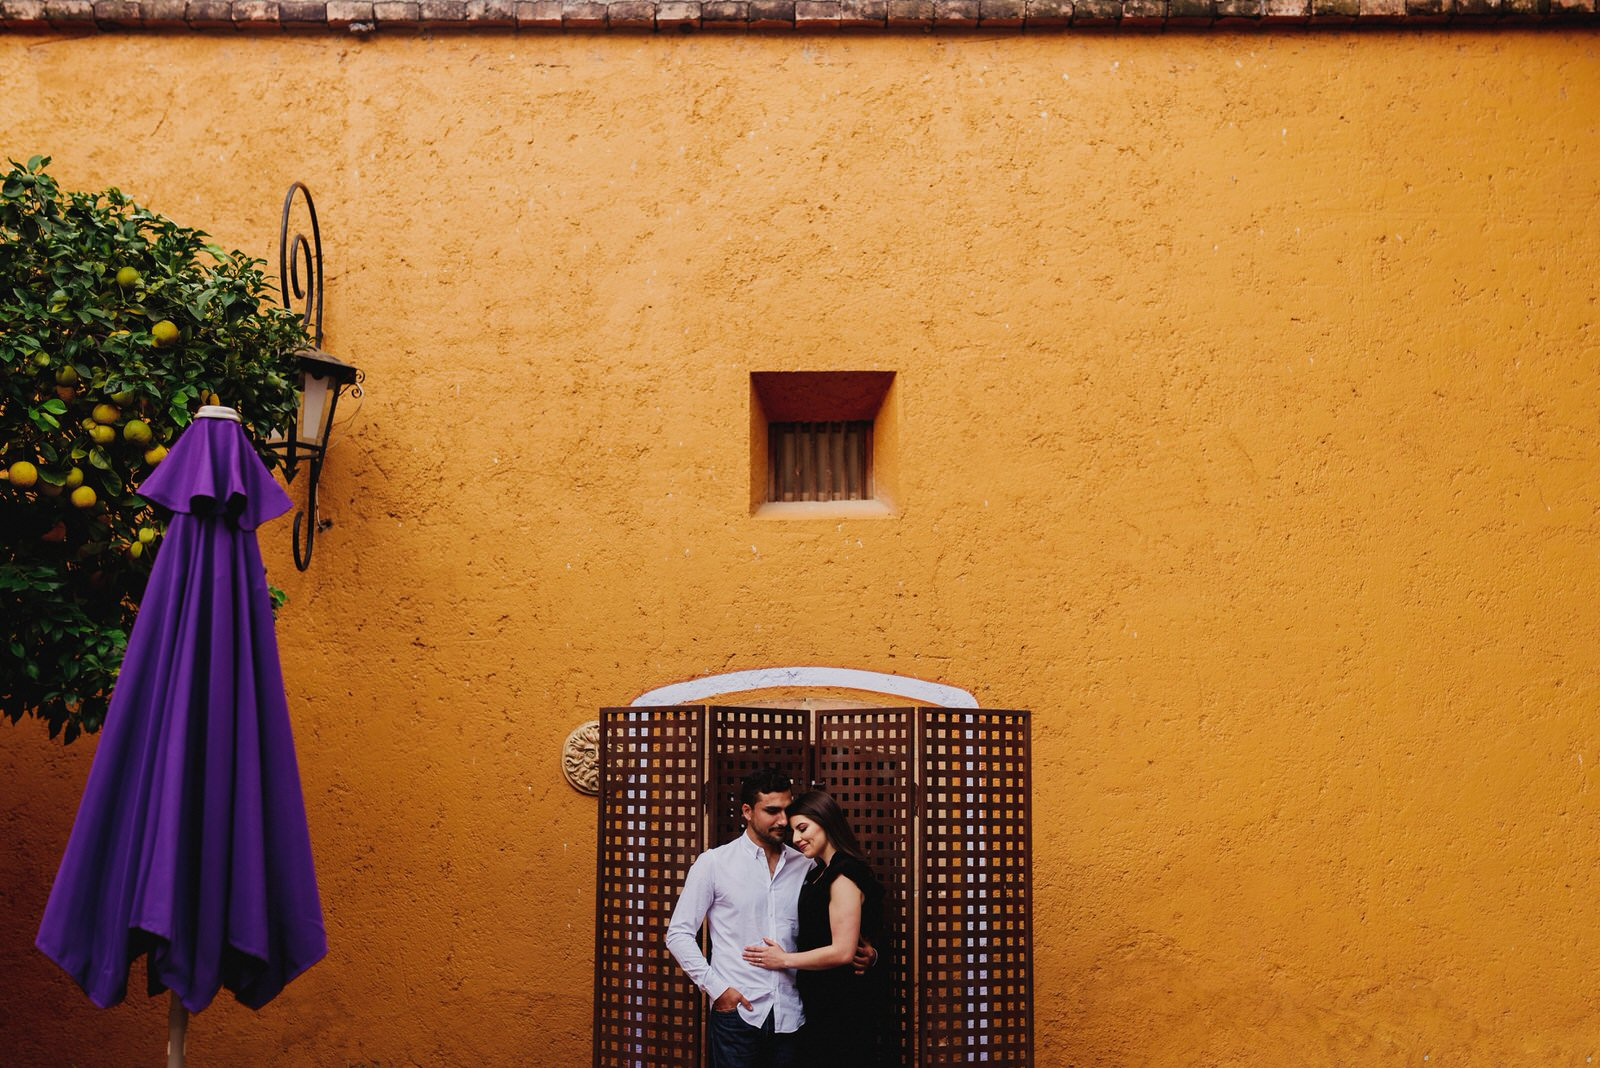 raquel miranda fotografia_sesión_casual_ale&artemio-11-1.jpg